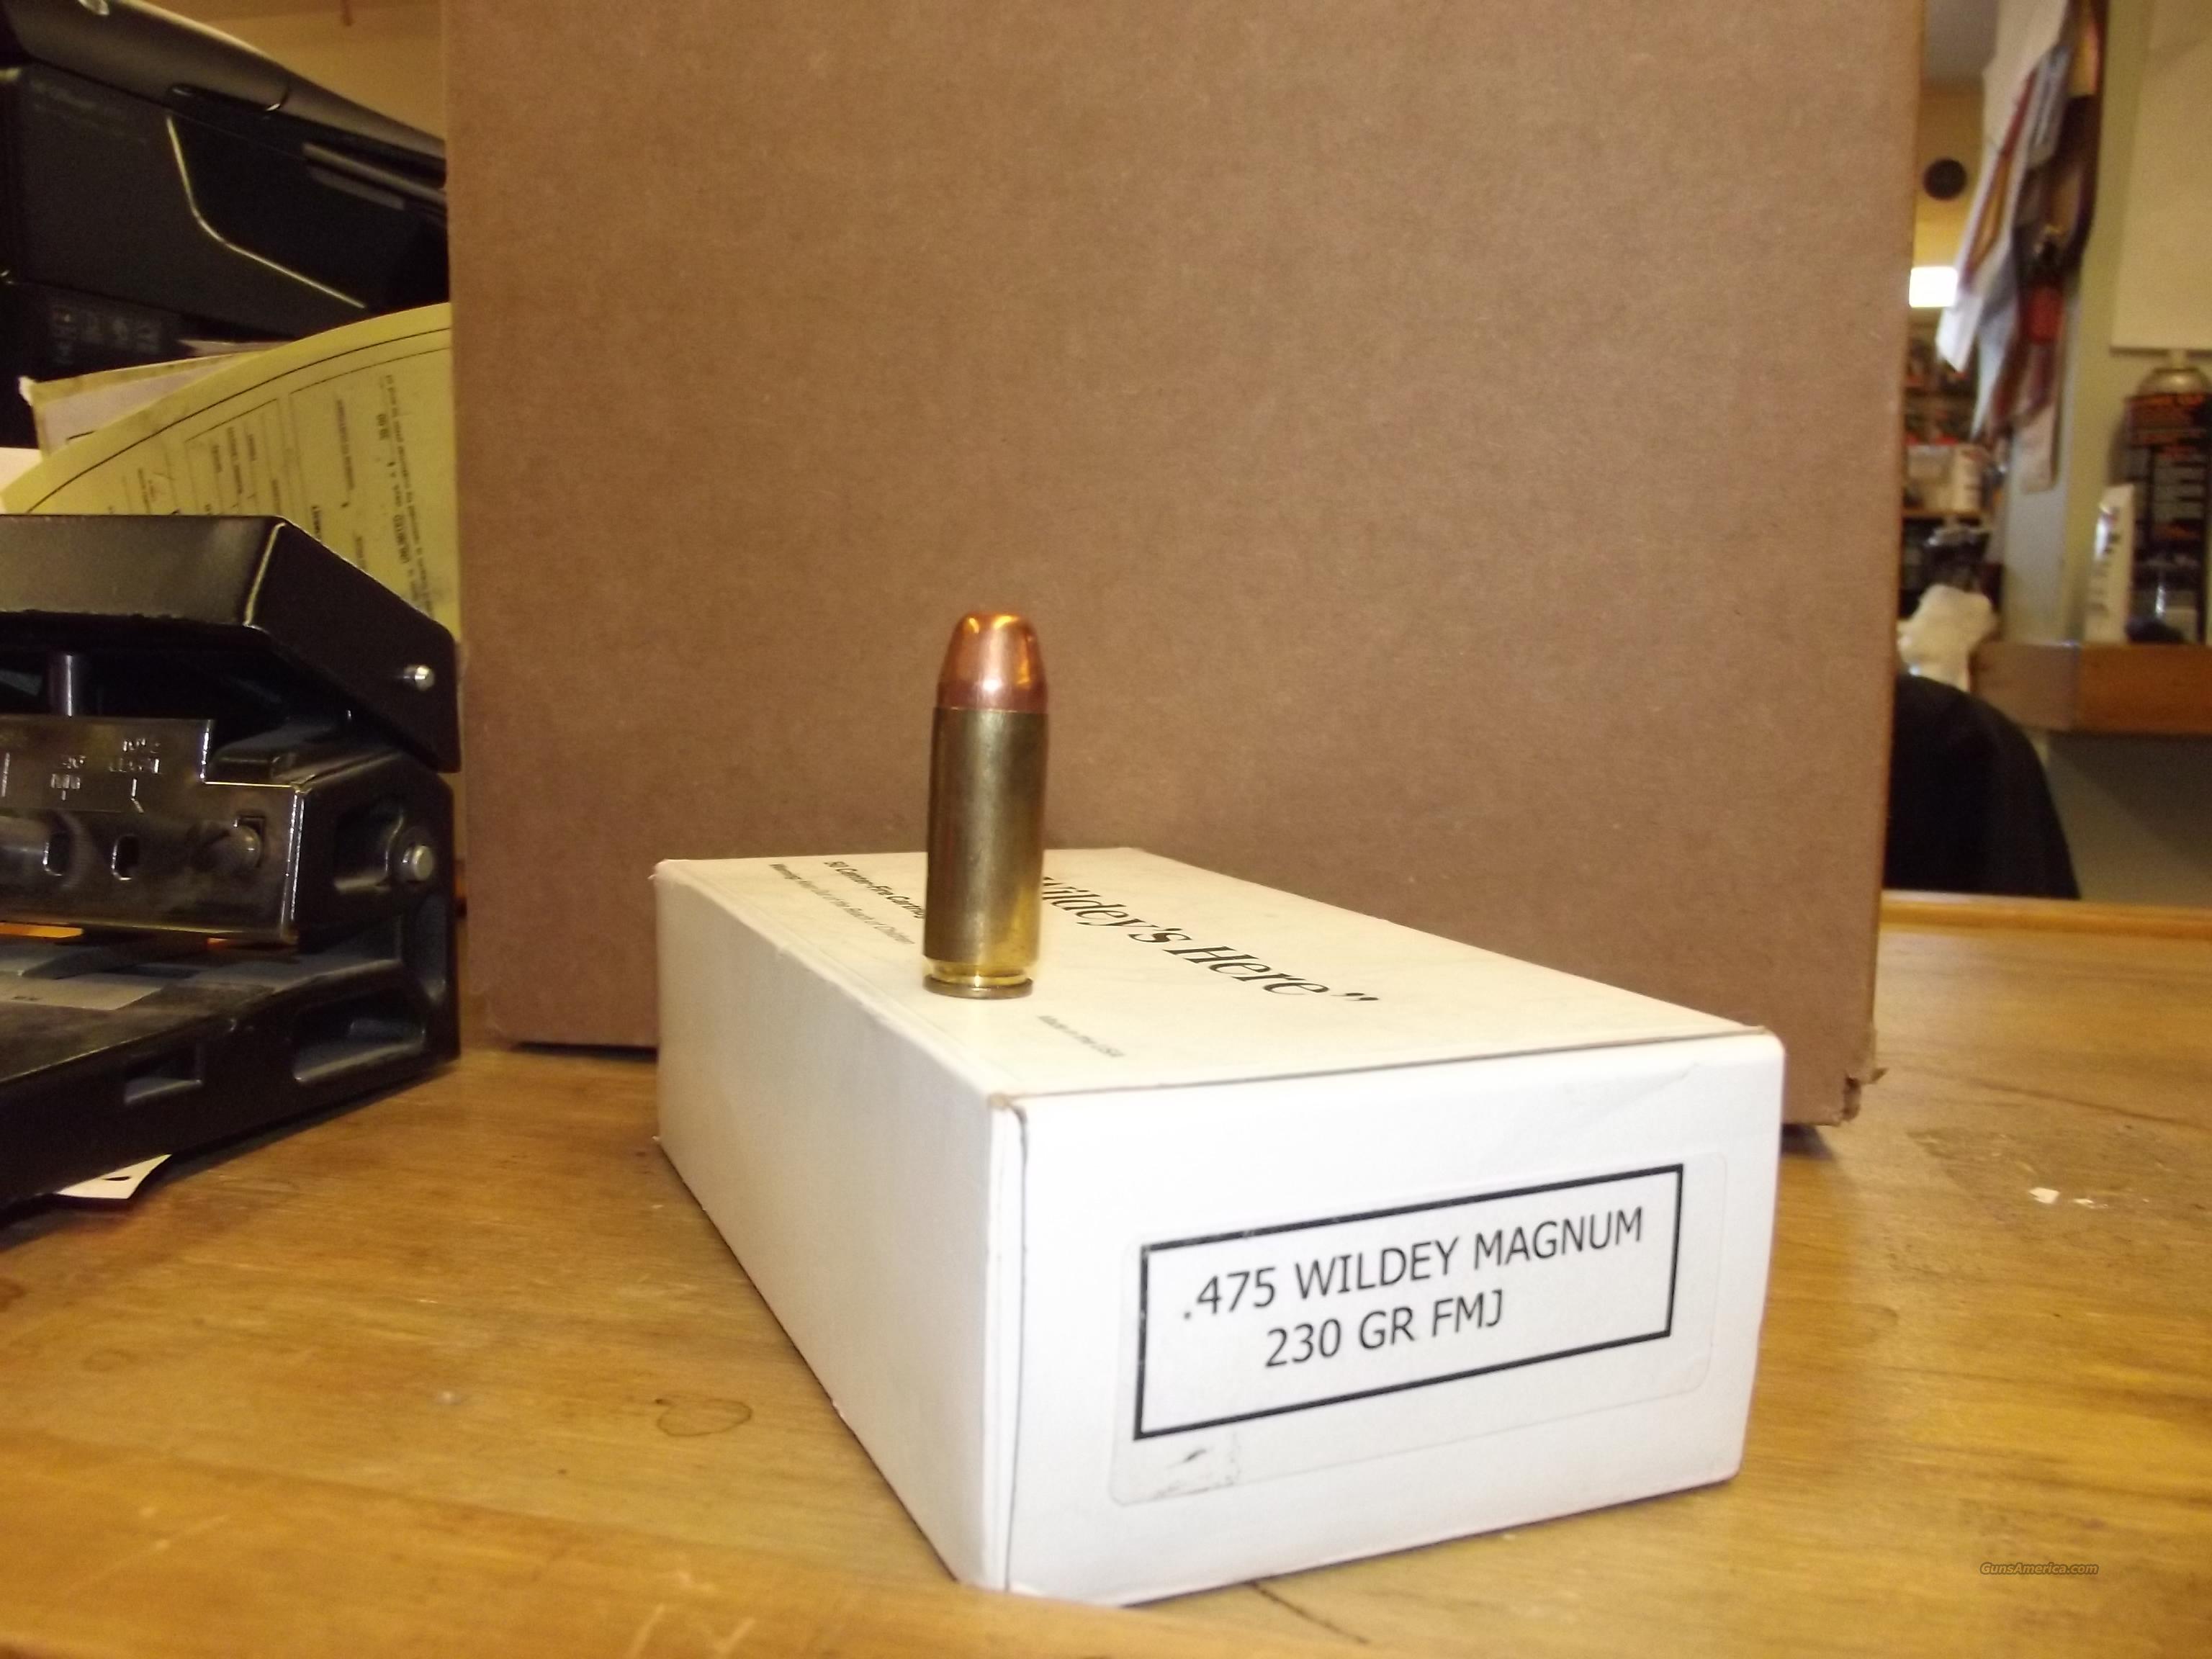 475 Wildey Magnum 230 Gr Fmj For Sale